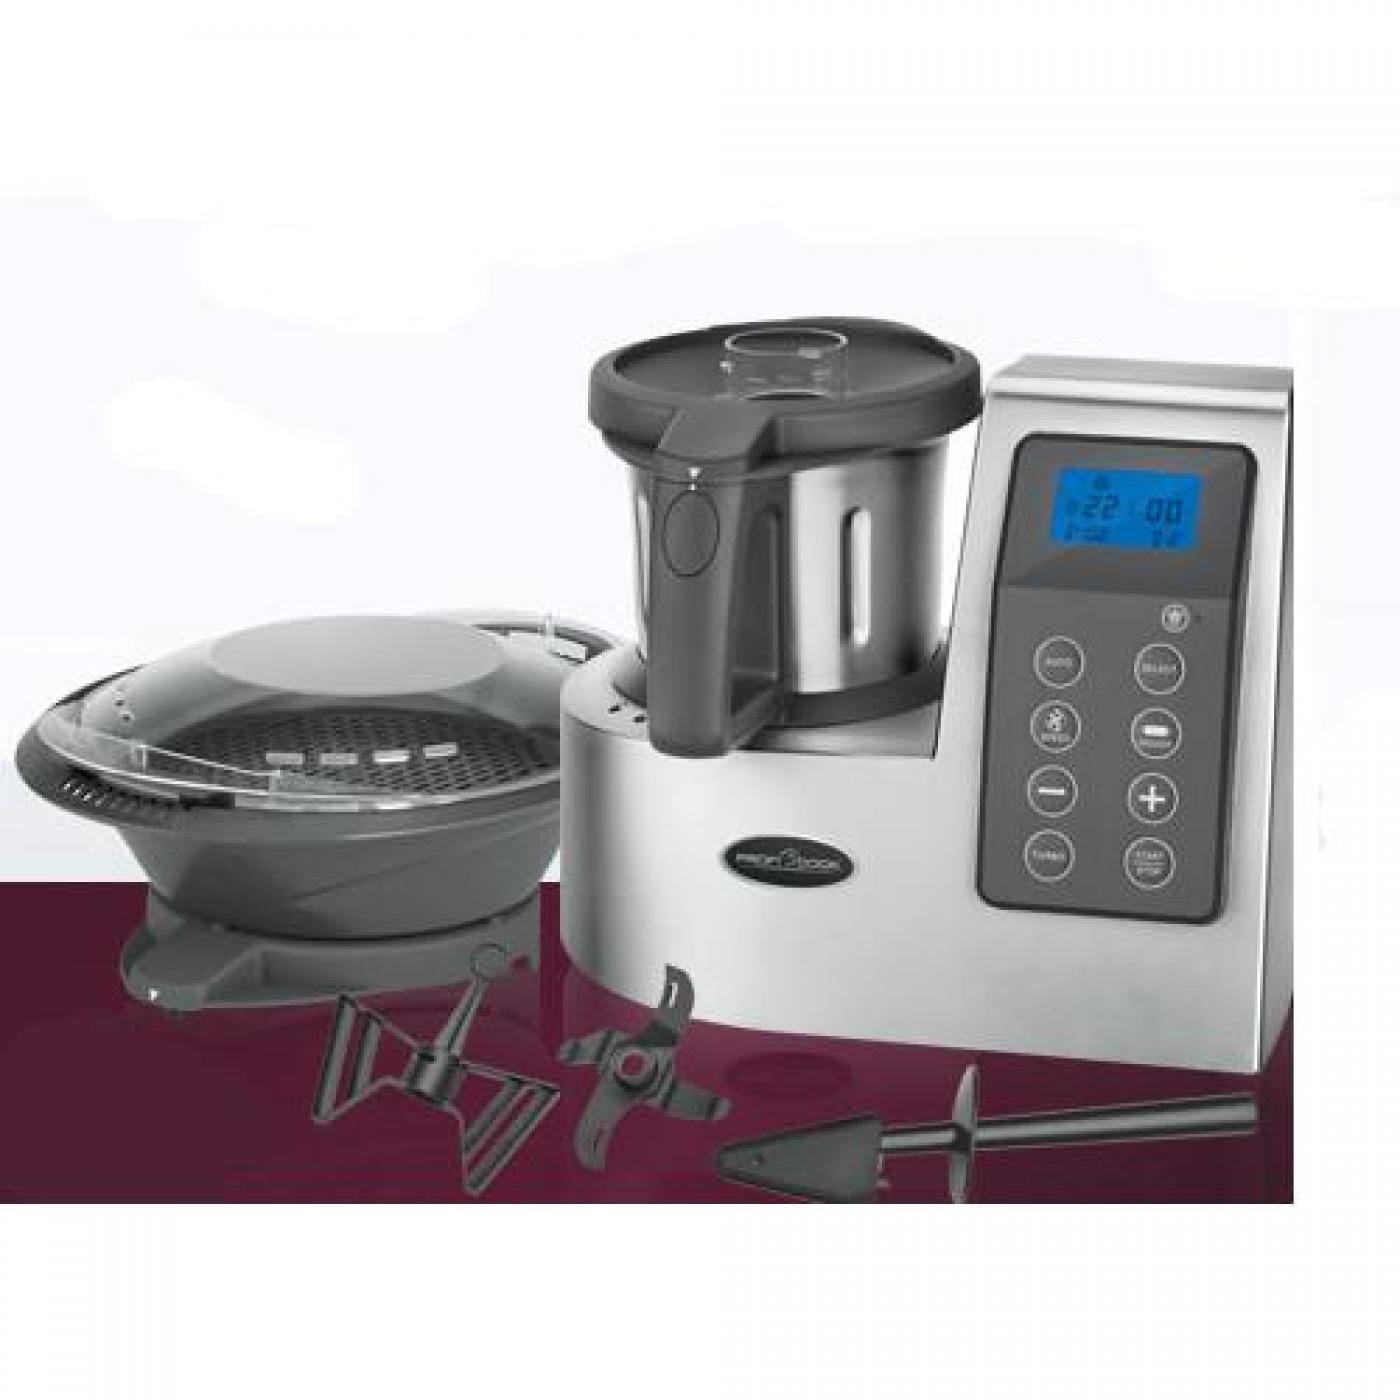 Robot de cocina 10 en 1 mkm 1074 proficook por 278 95 - Robots de cocina opiniones ...